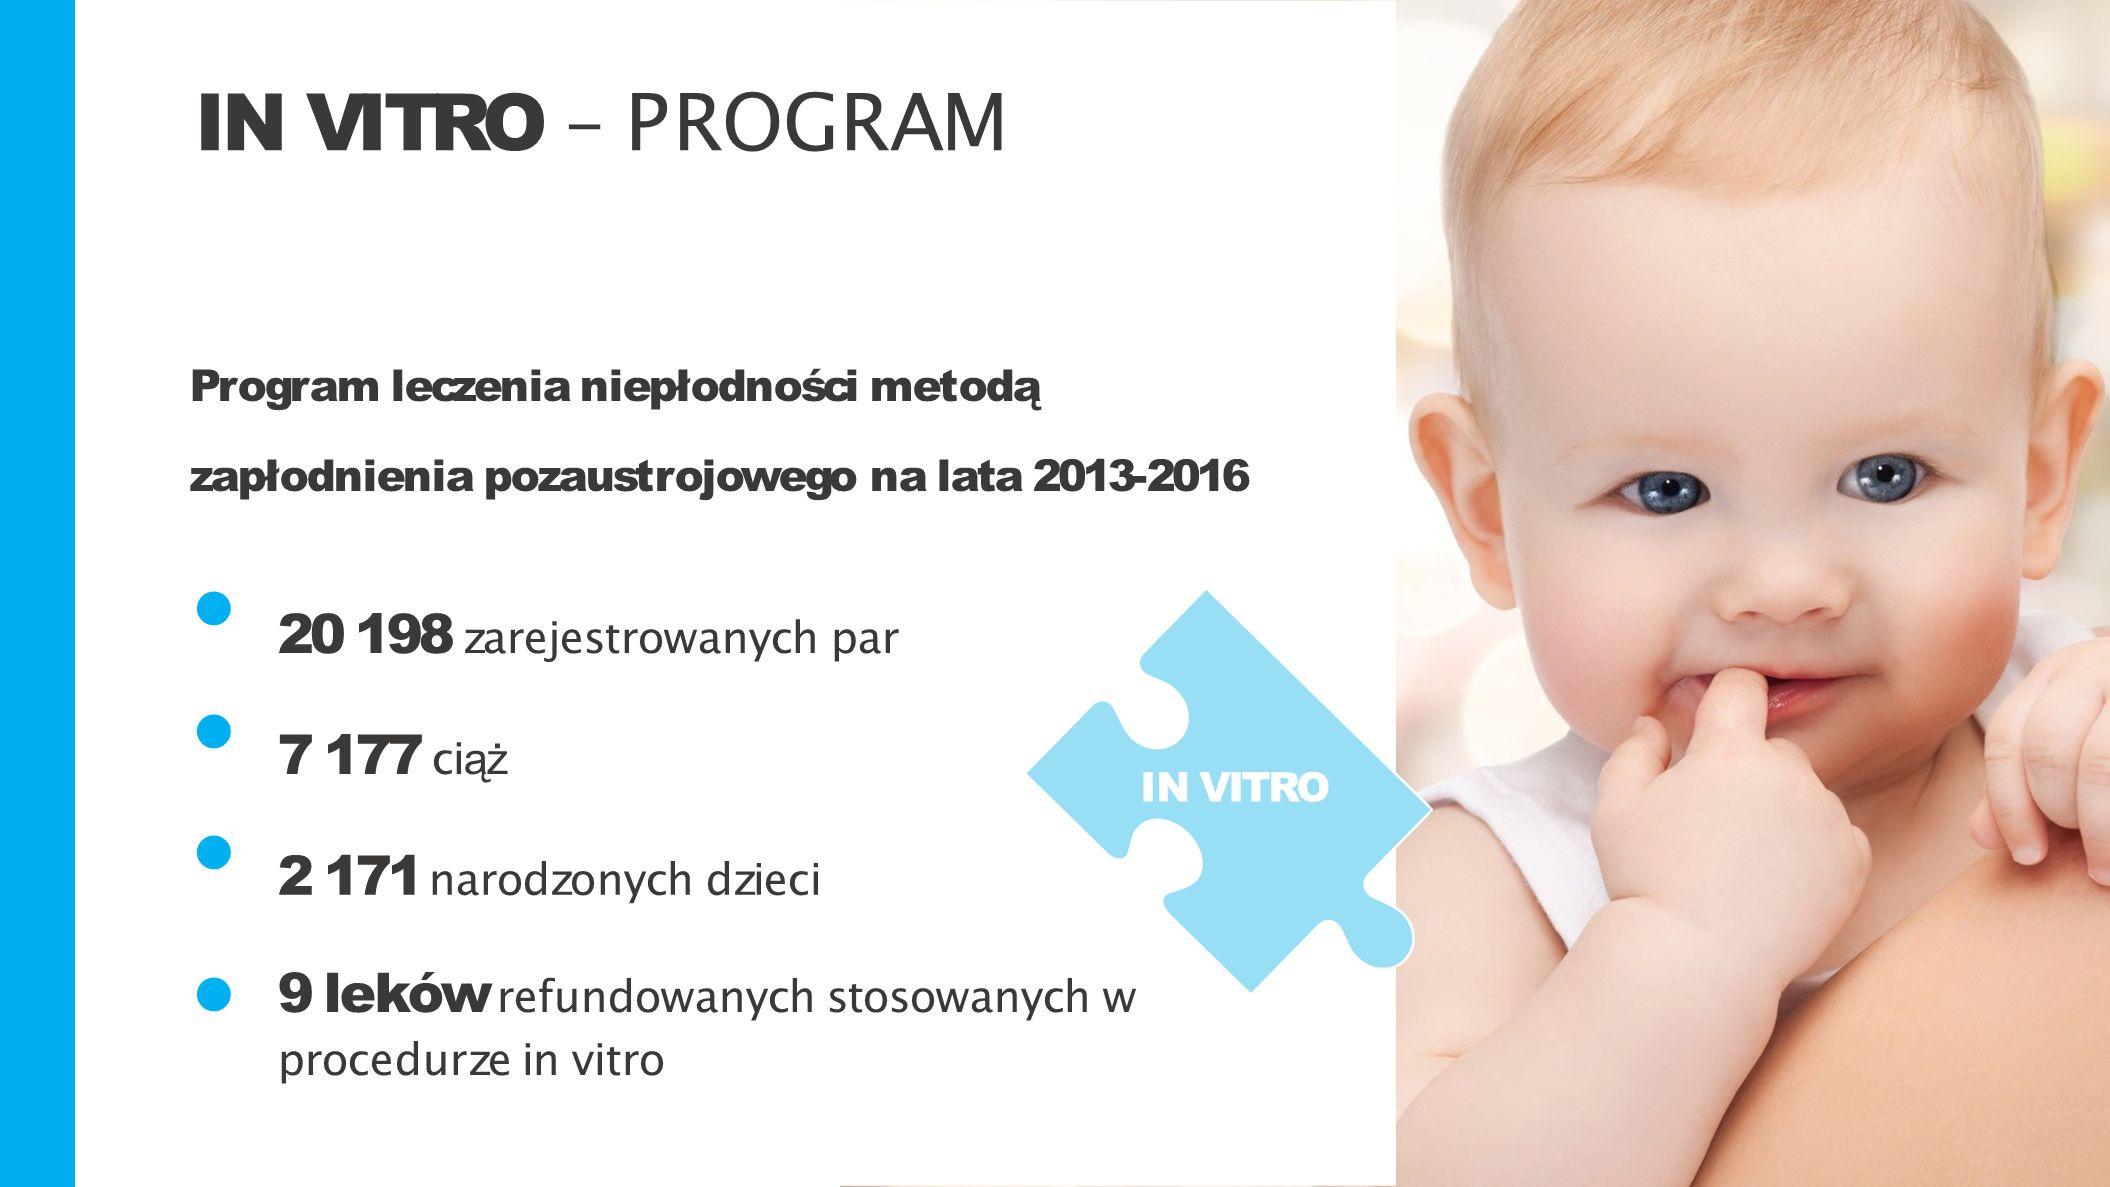 IN VITRO – PROGRAMIN VITRO – PROGRAM Program leczenia niepłodności metodą zapłodnienia pozaustrojowego na lata 2013-2016 20 198 zarejestrowanych par 7